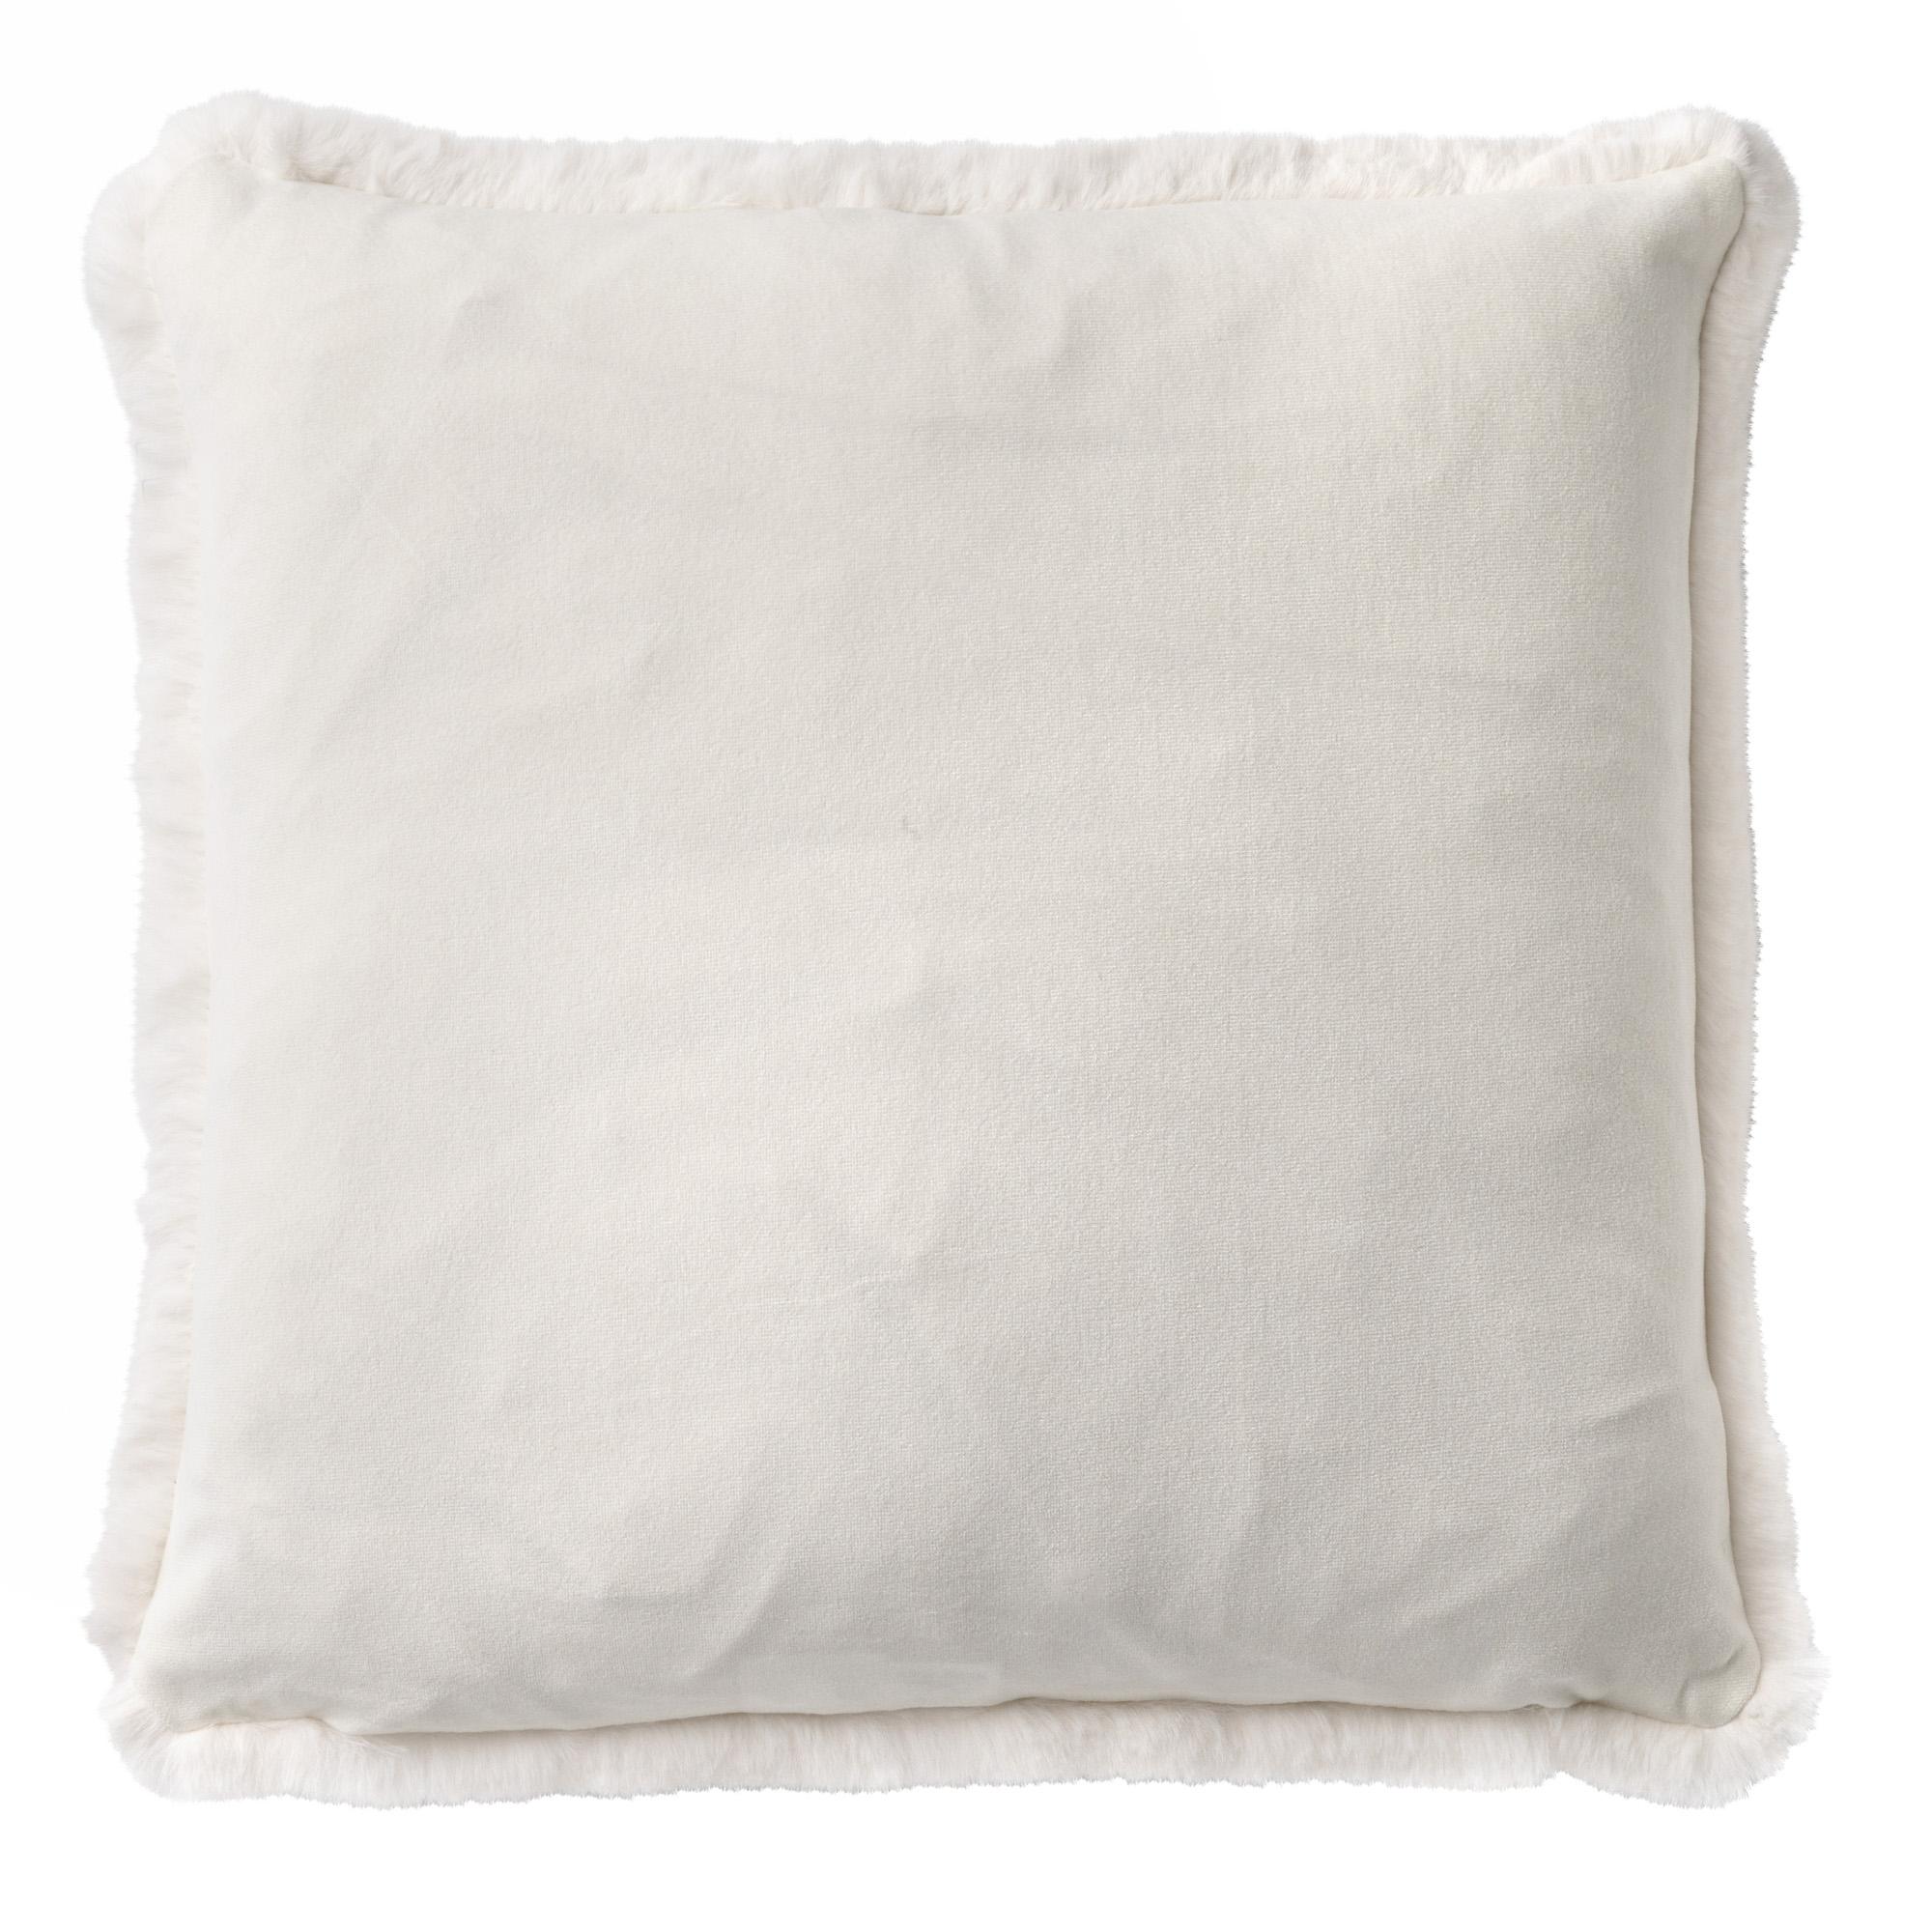 ZAYA - Sierkussen met imitatiebont Snow White 45x45 cm